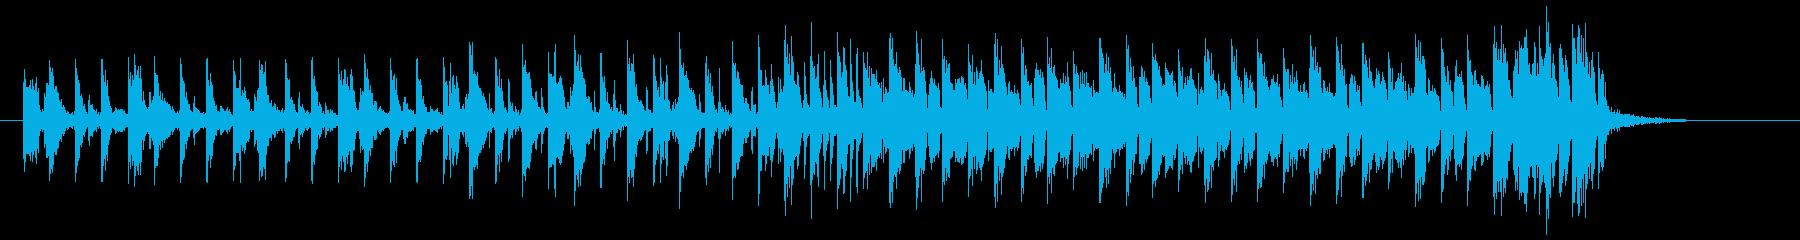 神秘的で躍動感あるビートシンセジングルの再生済みの波形